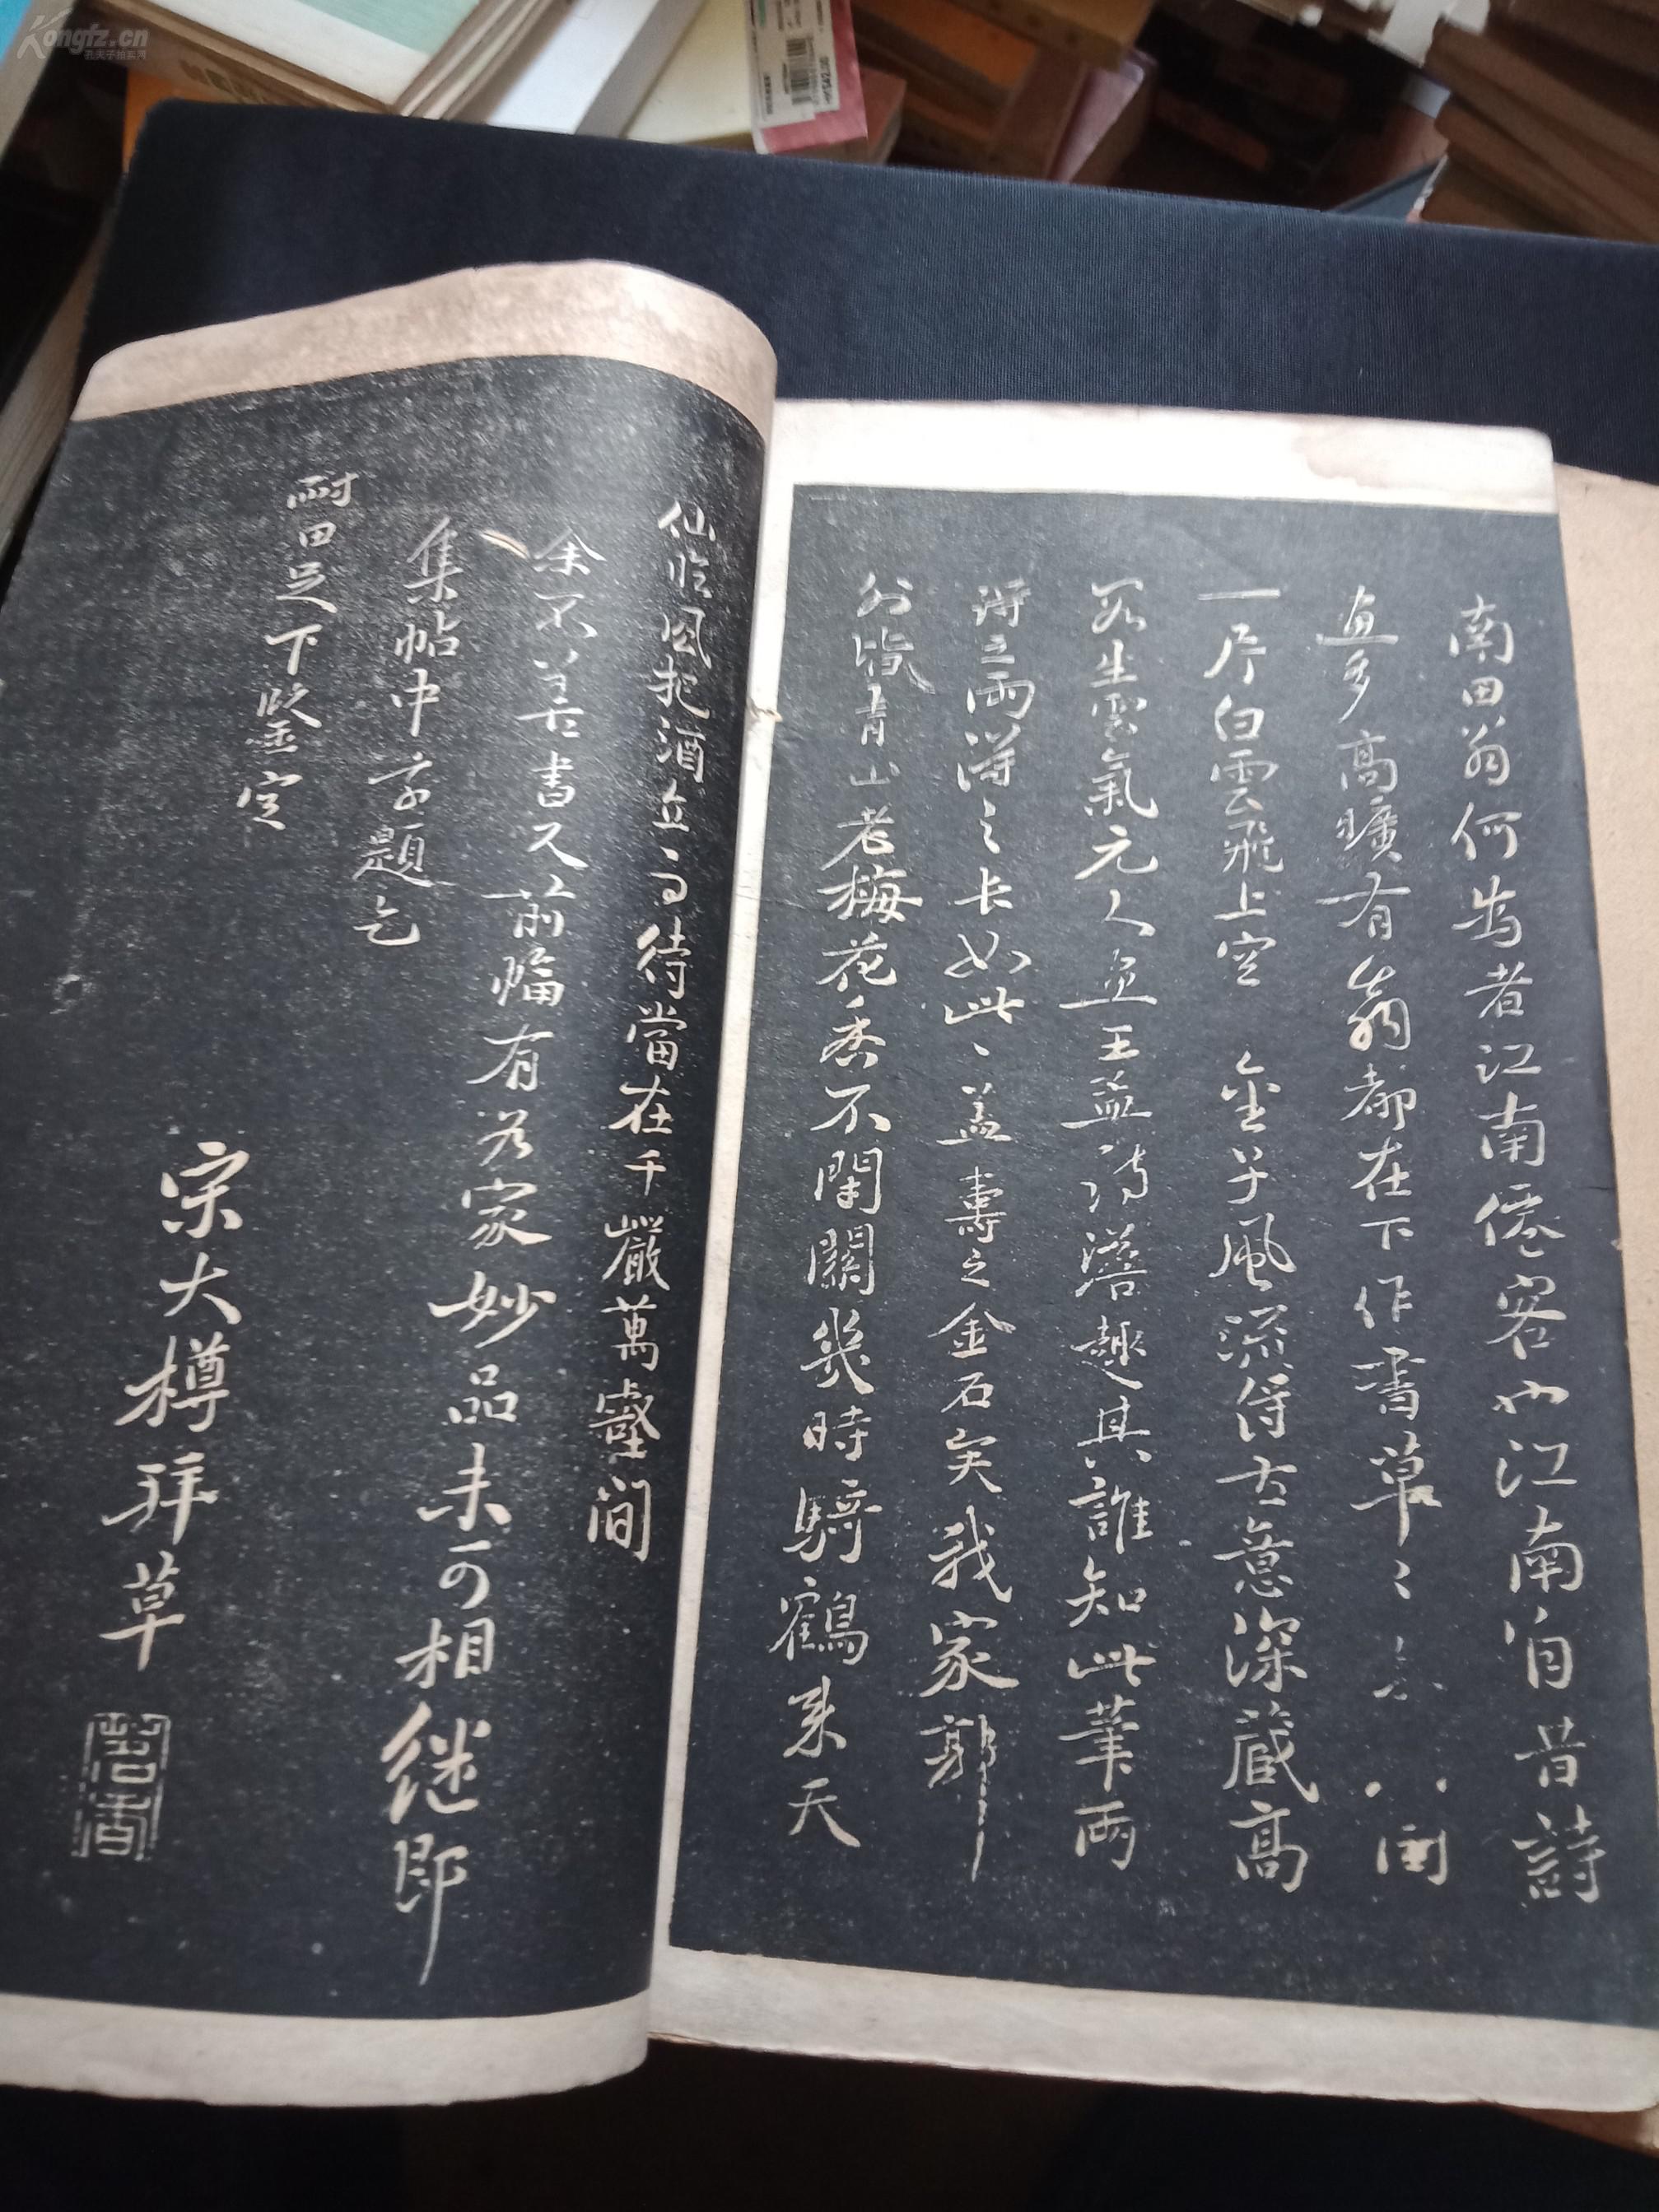 �^����_《清歗阁藏帖》上下卷2册全 恽寿平书法集